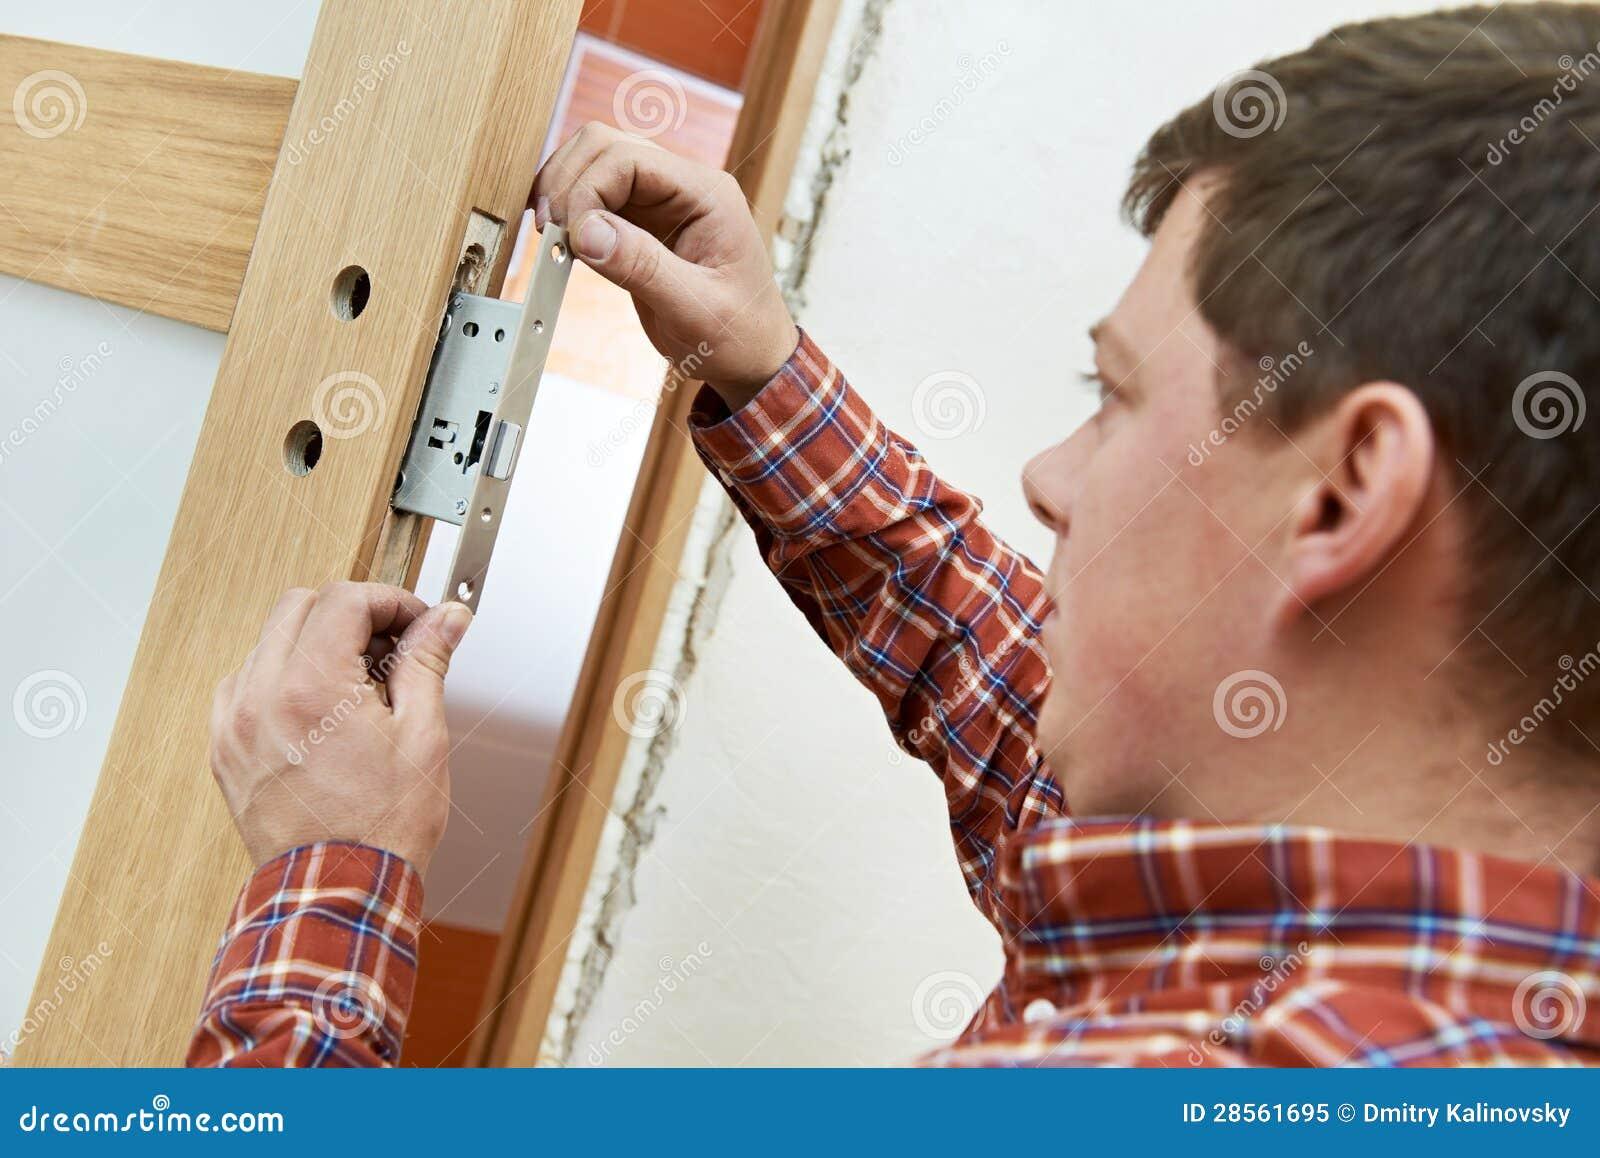 Snickaren på dörren låser installation